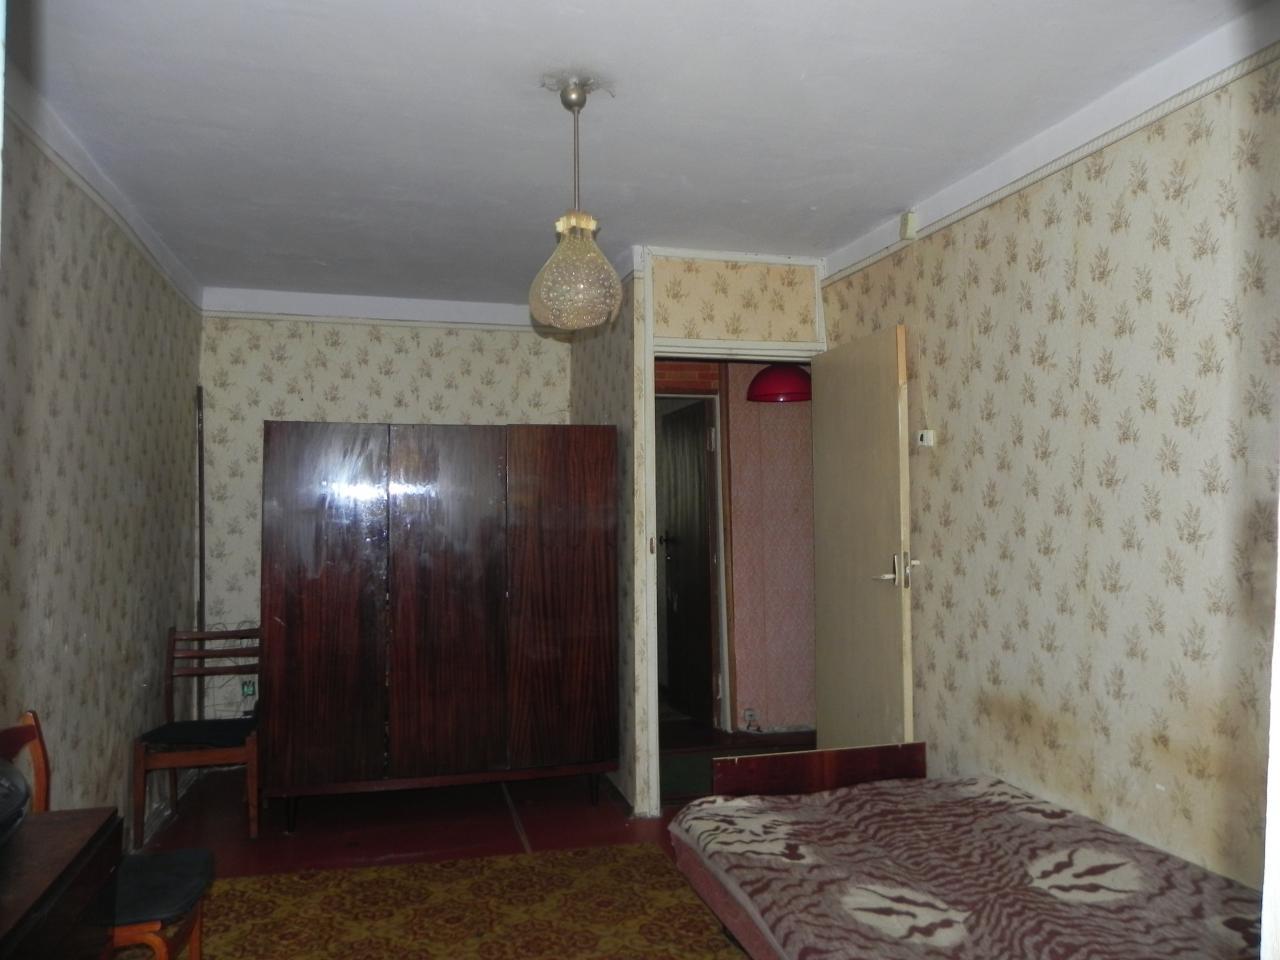 Фото 4 - Продам квартиру Харьков, Мохначанская ул.